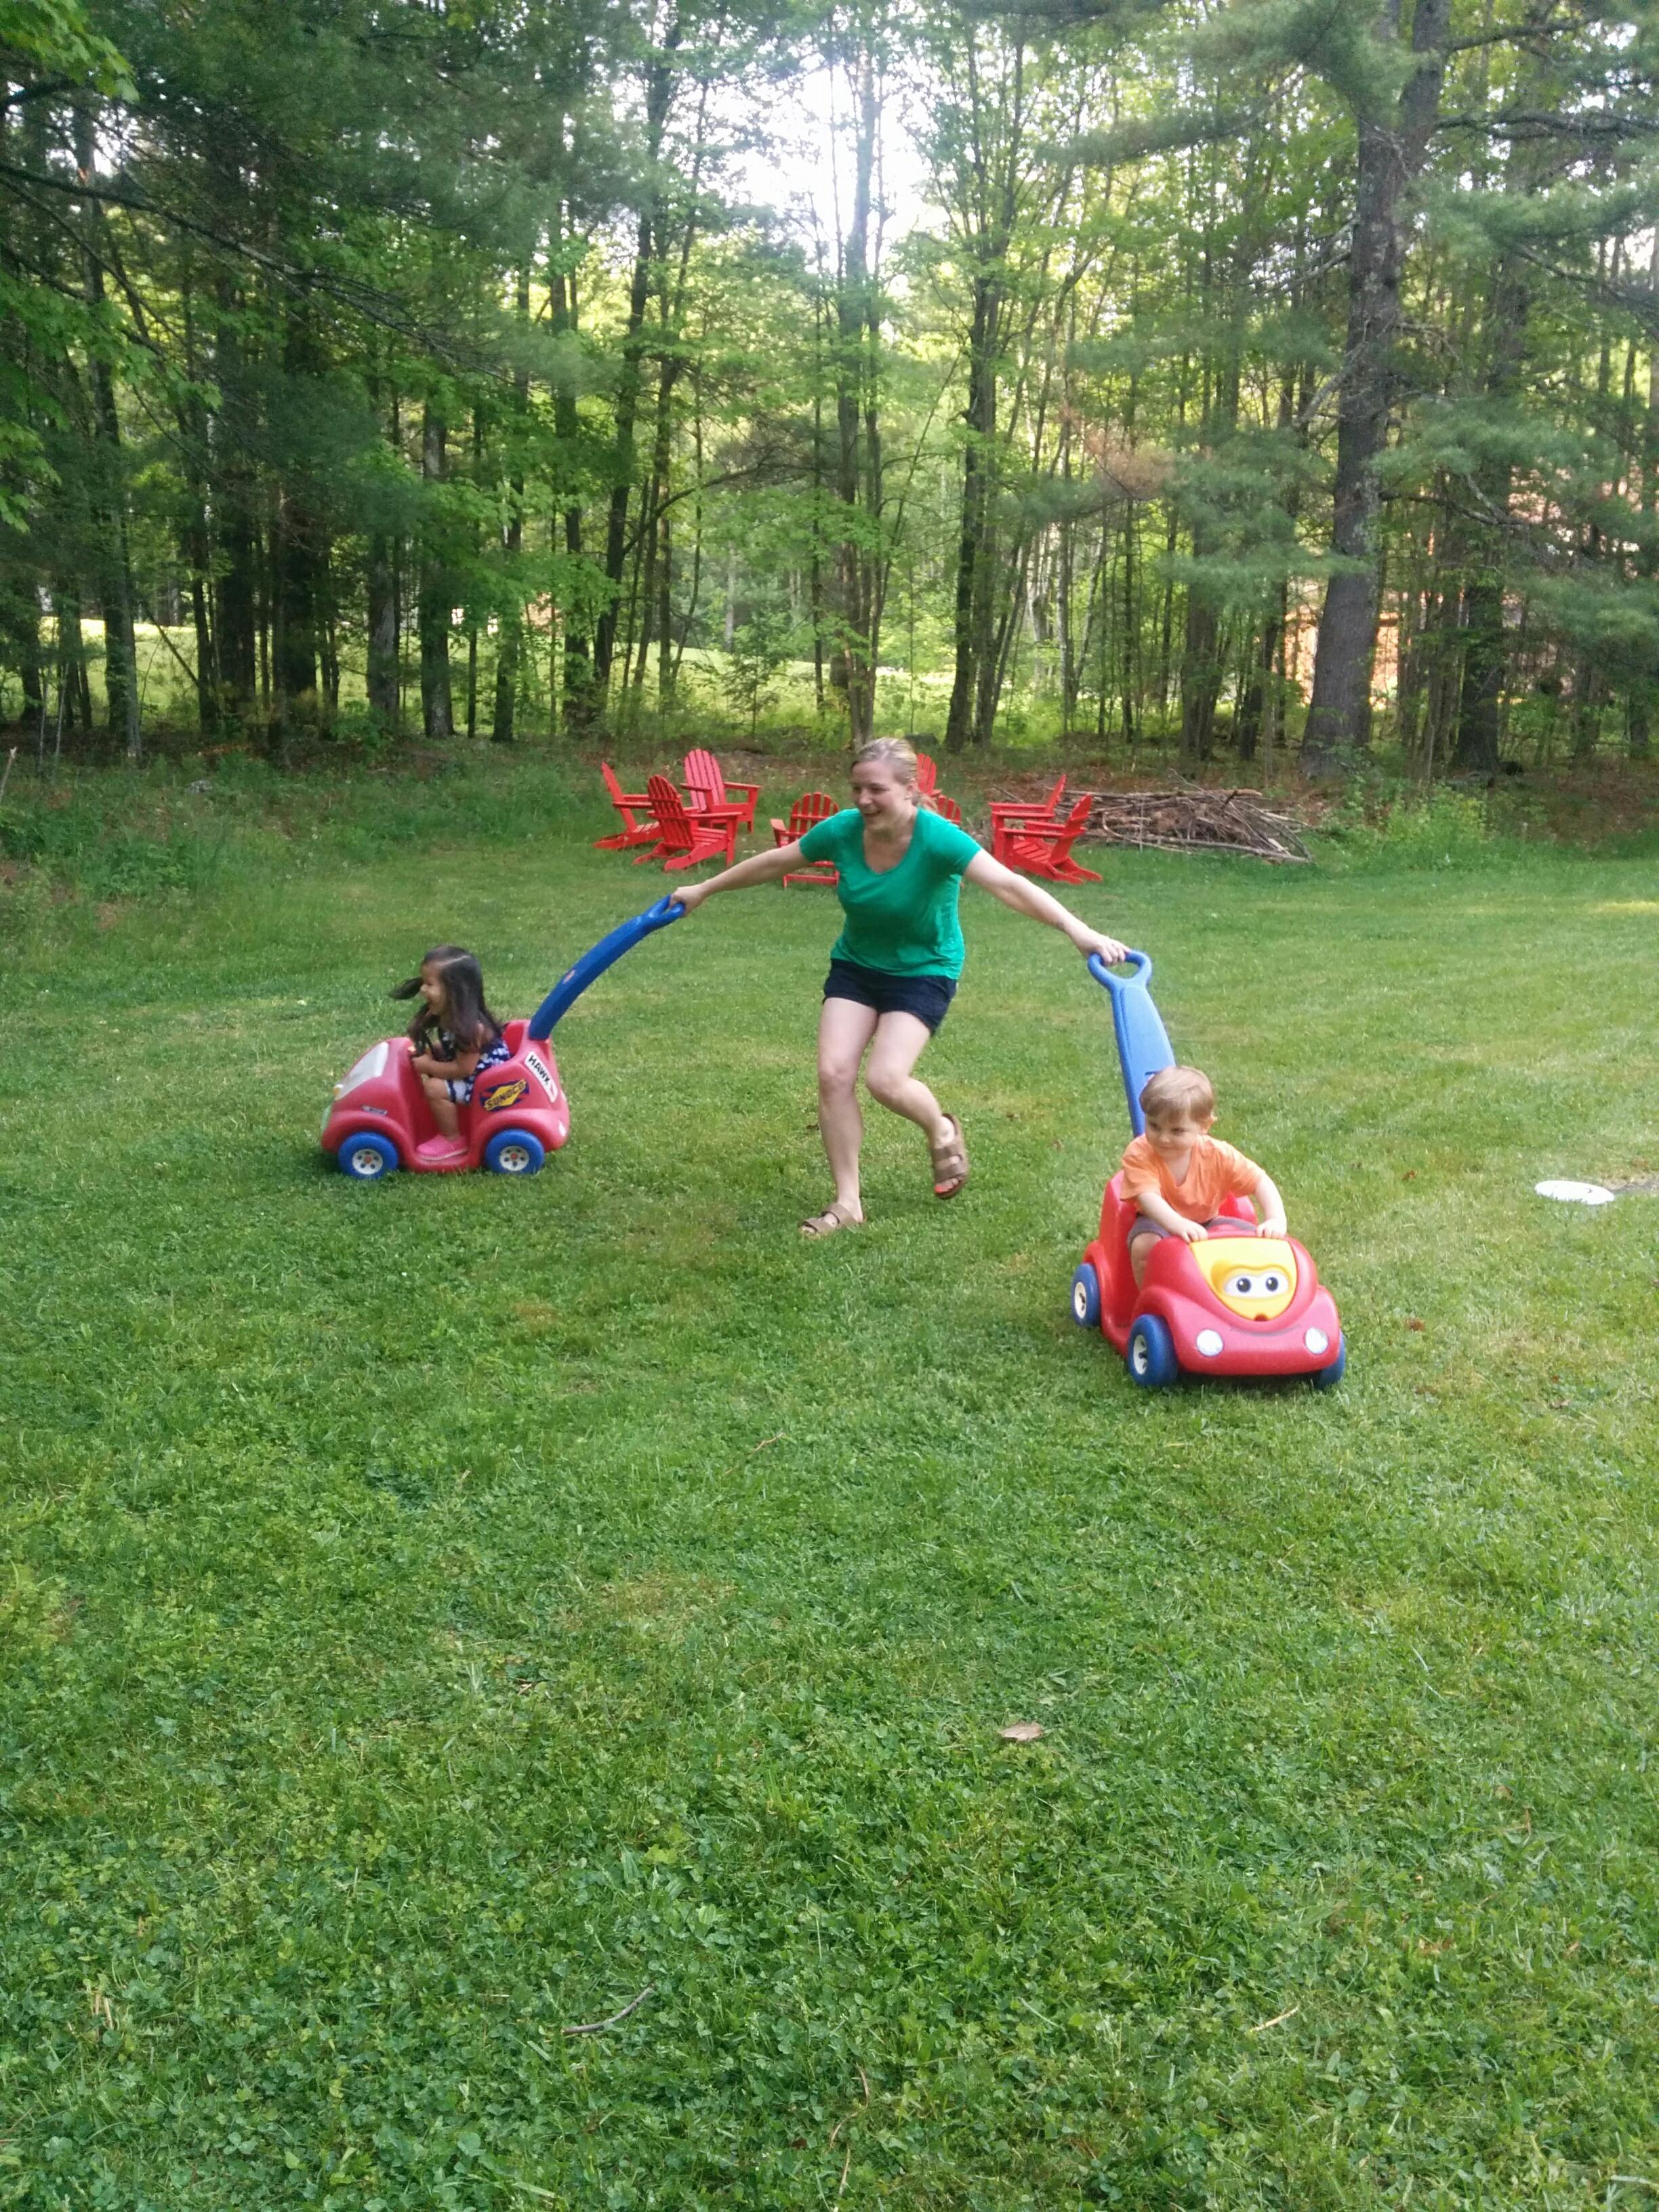 Runaway toddlers!